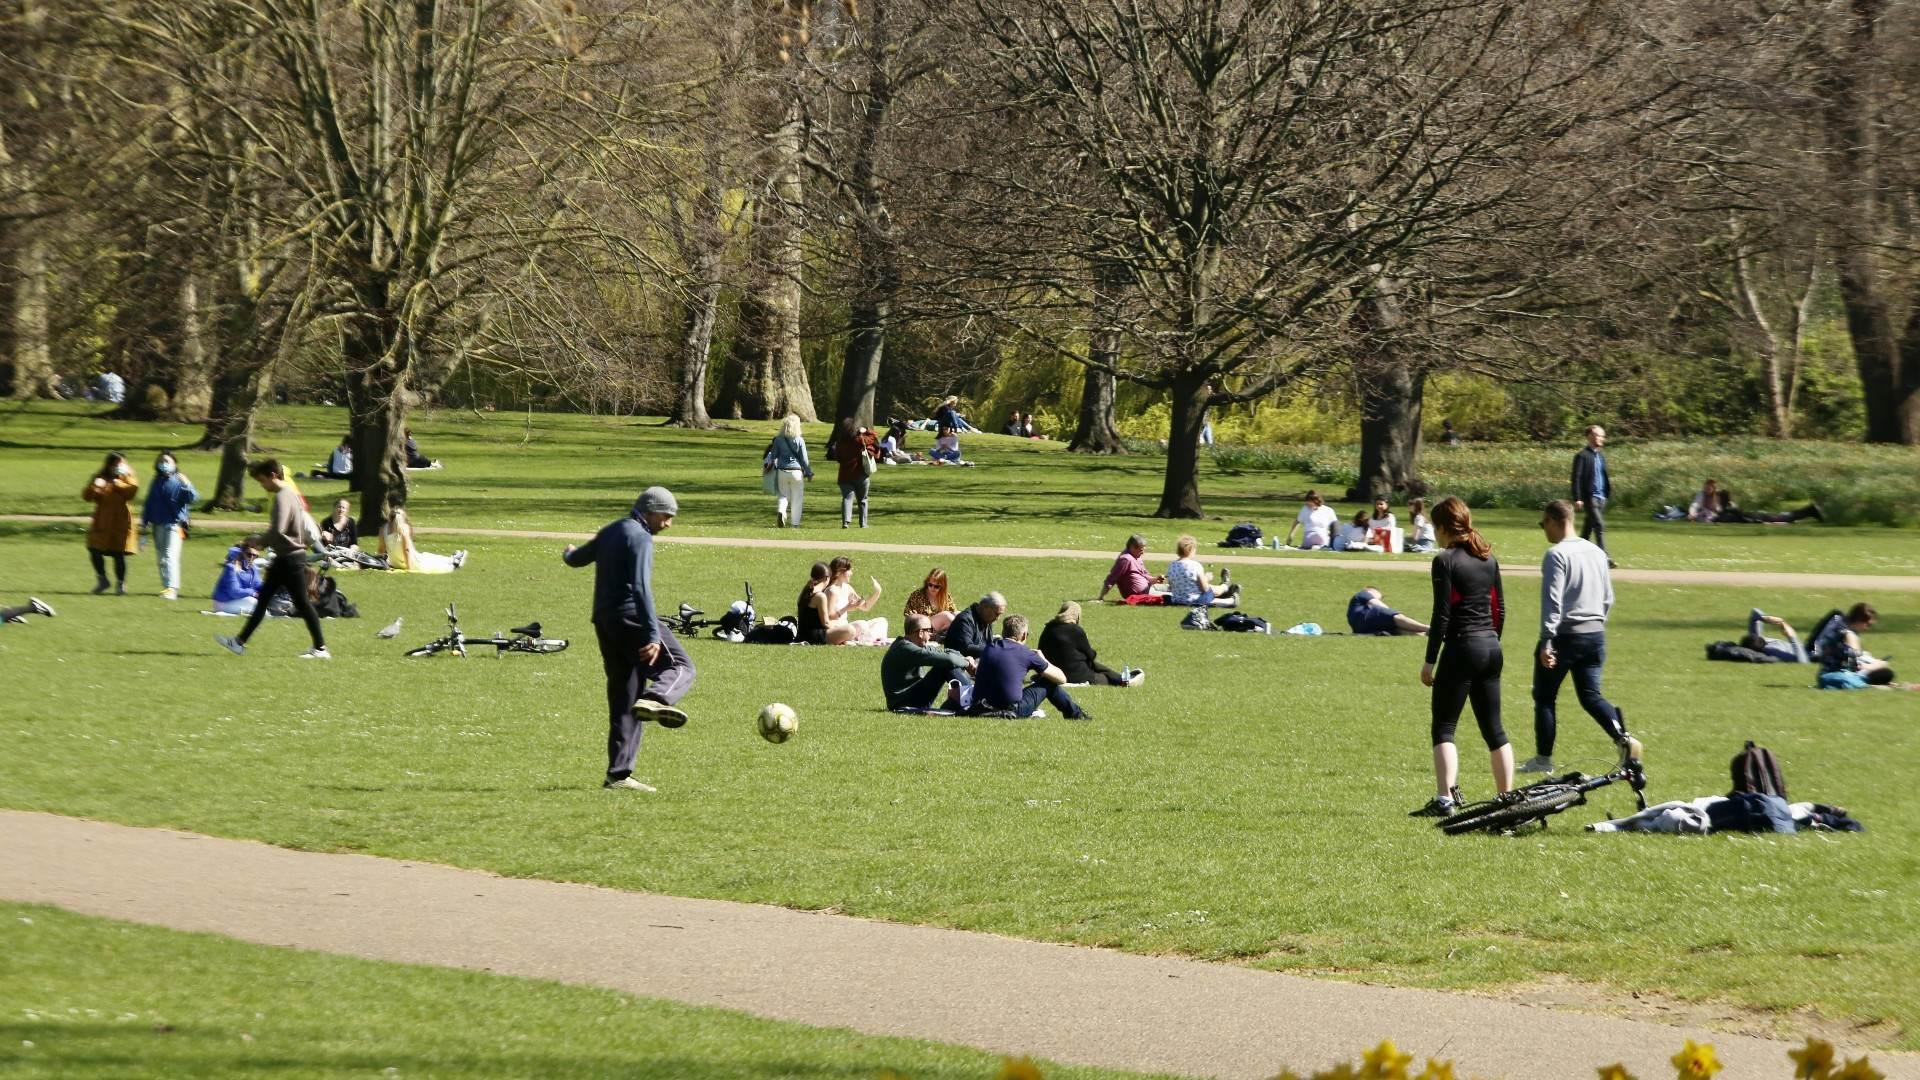 Pessoas curtem um dia de sol em um parque de Londres